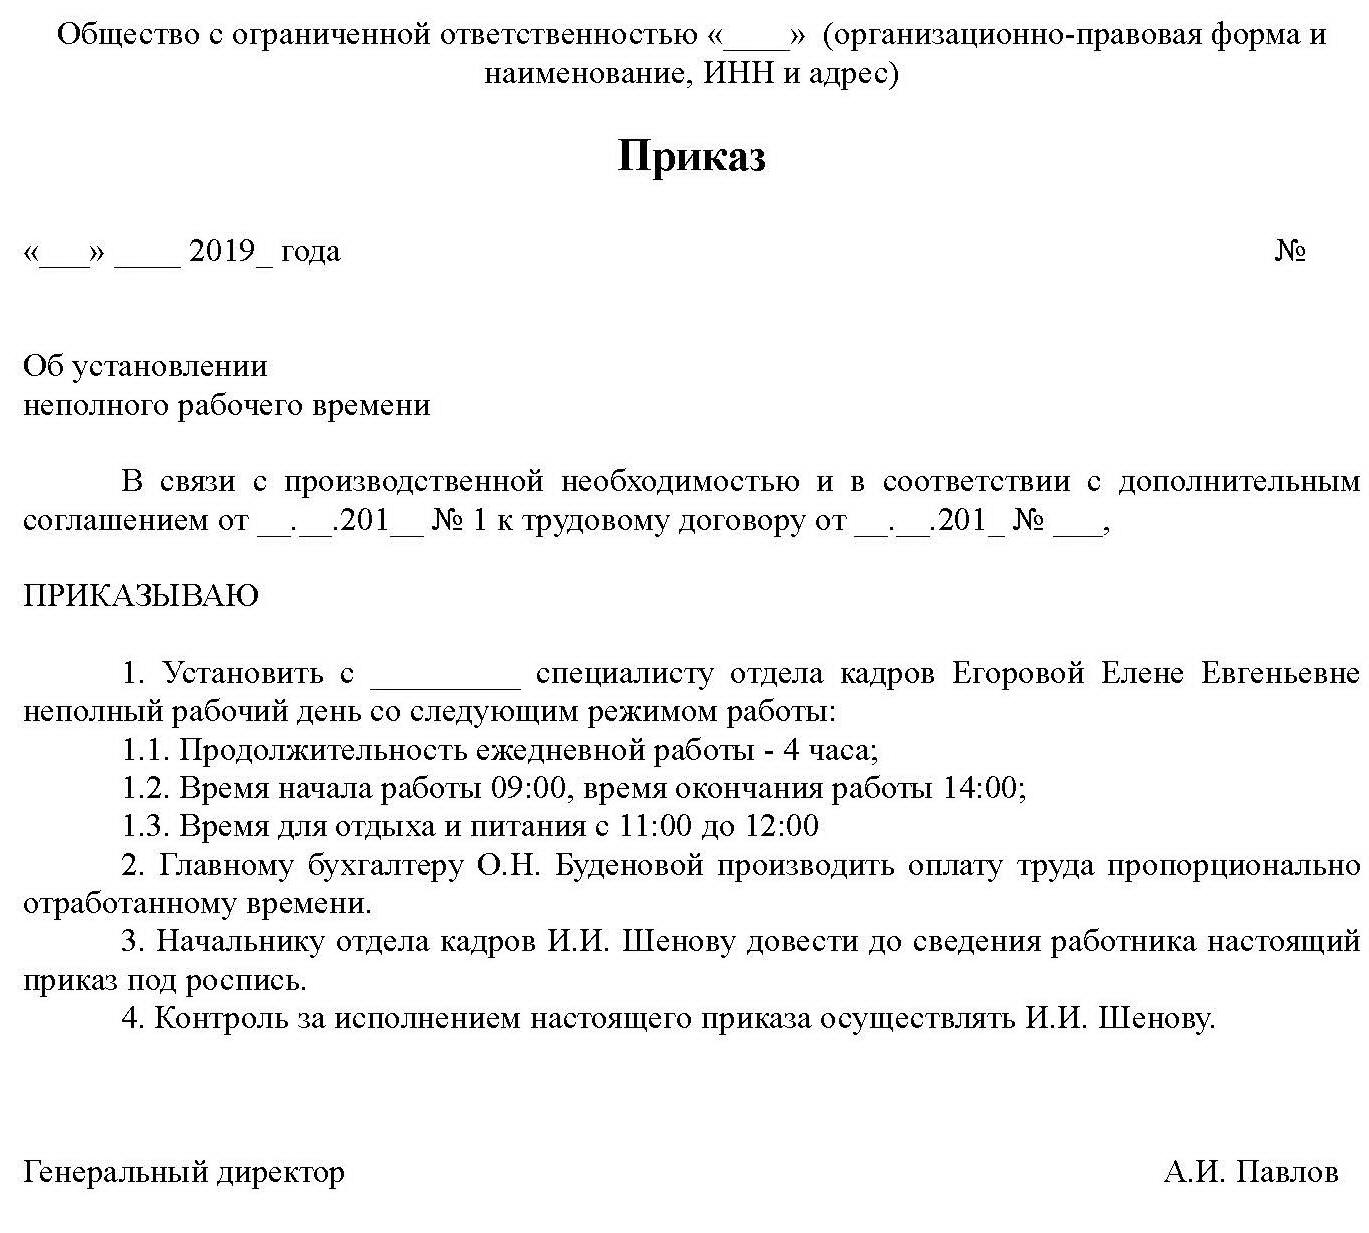 Приказ на снятие 0 25 с 1 ставки воспитателя